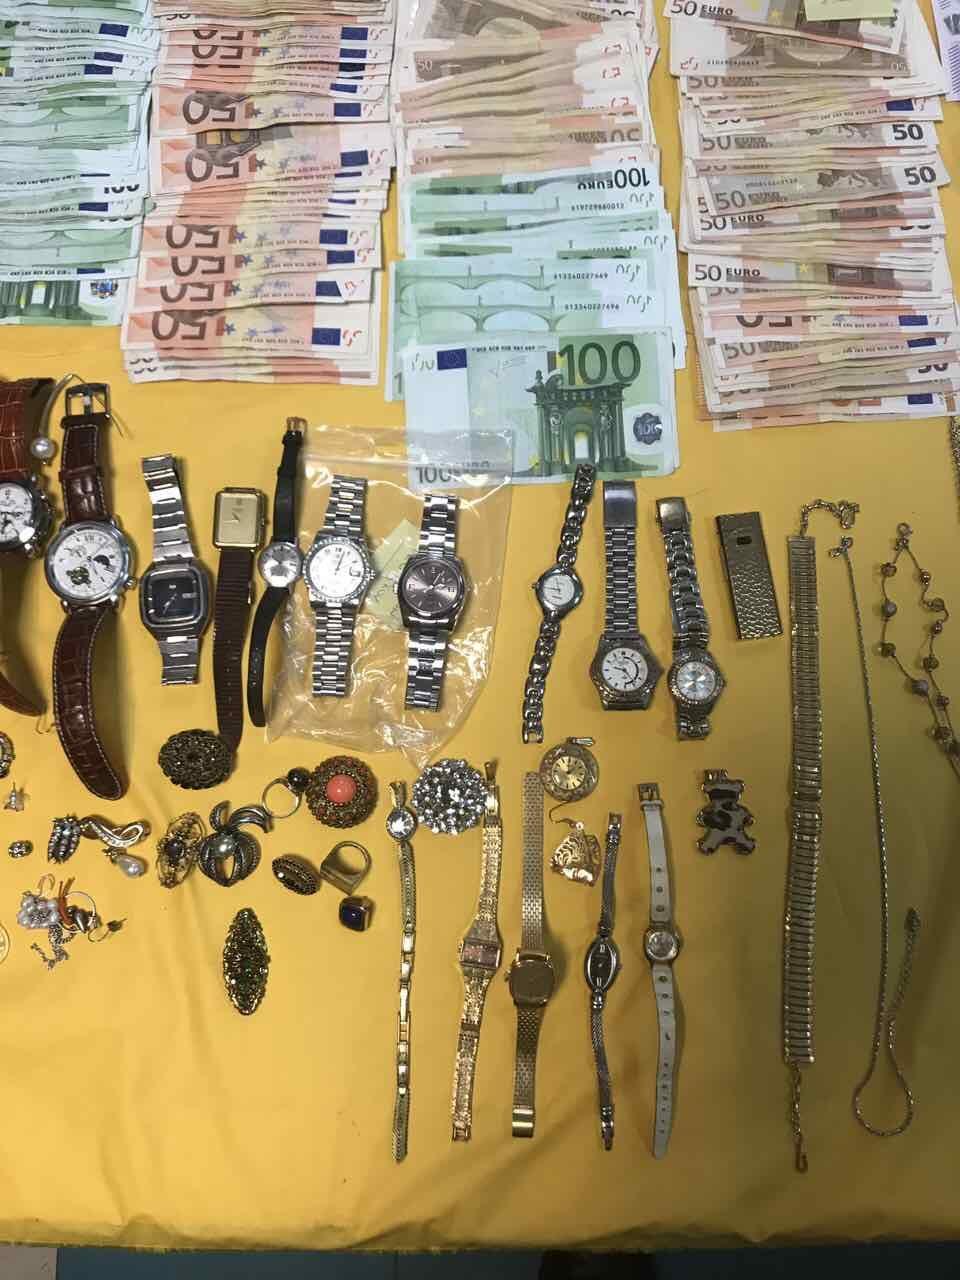 Ο θησαυρός των διαρρηκτών και το ρολόι των 150.000 ευρώ